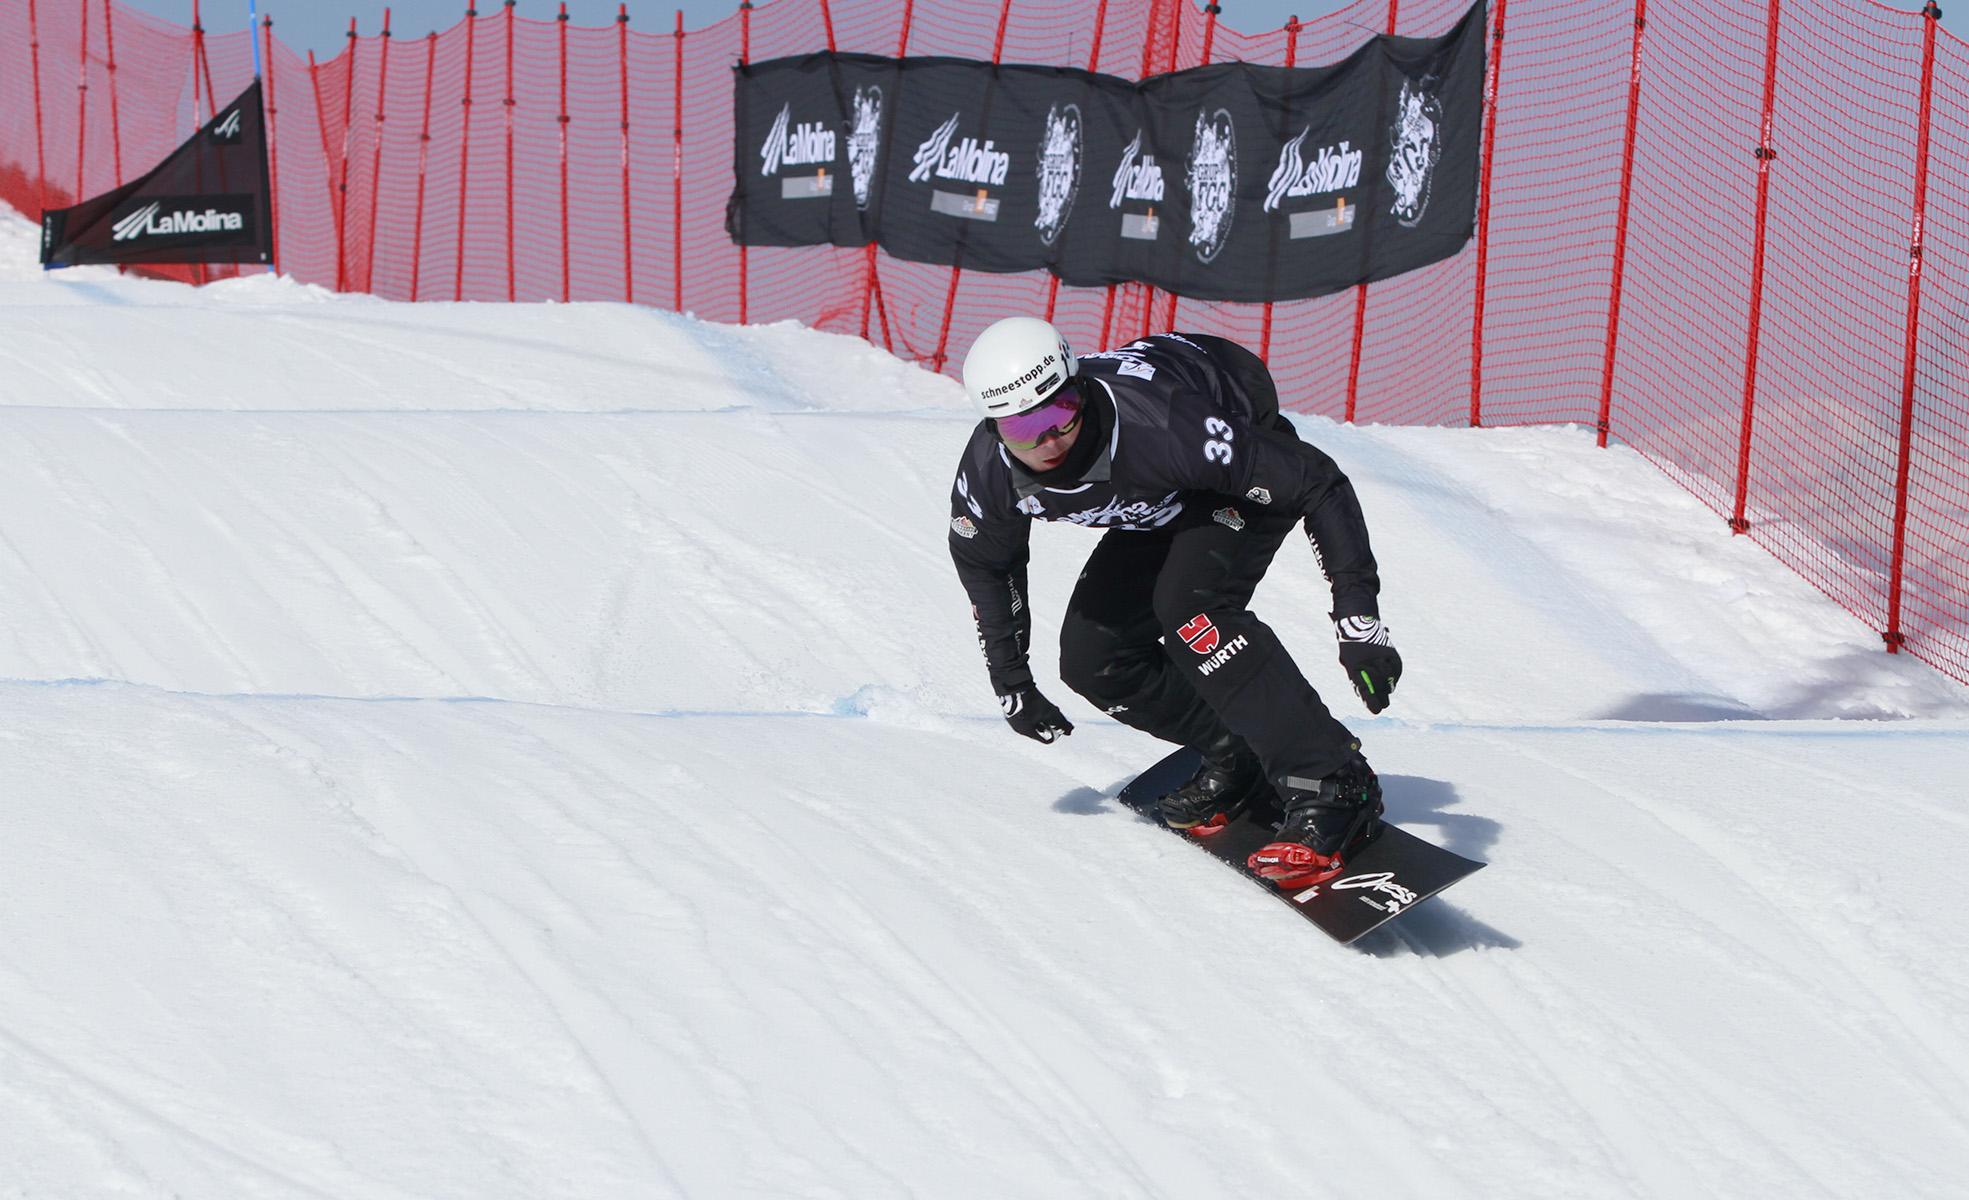 Copa del Món Snowboard SBX a La Molina / FGC